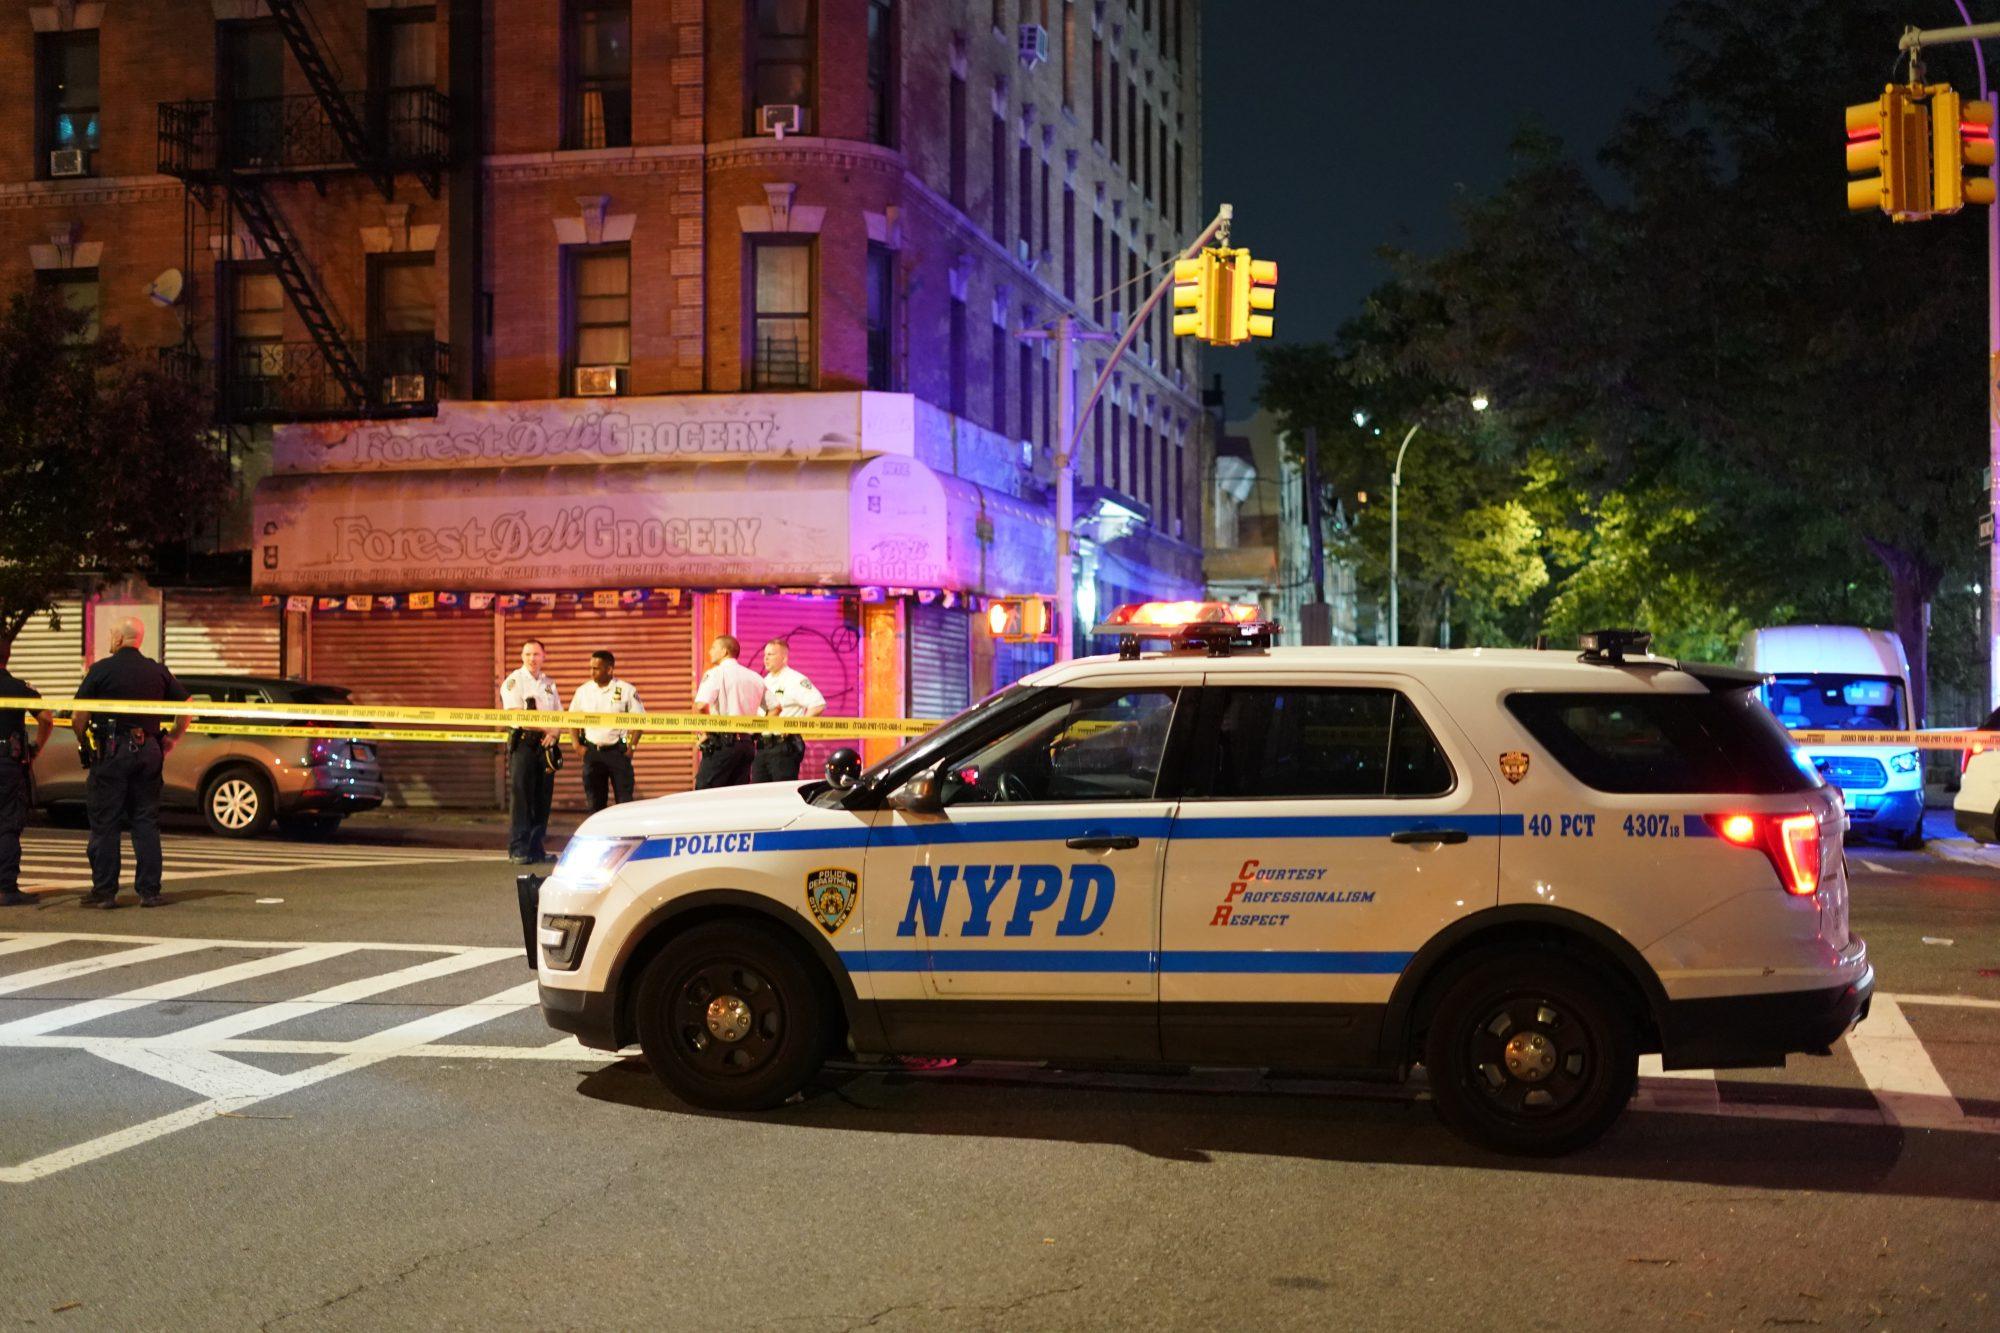 More than 40 hurt or killed in bloody week of NYC shootings